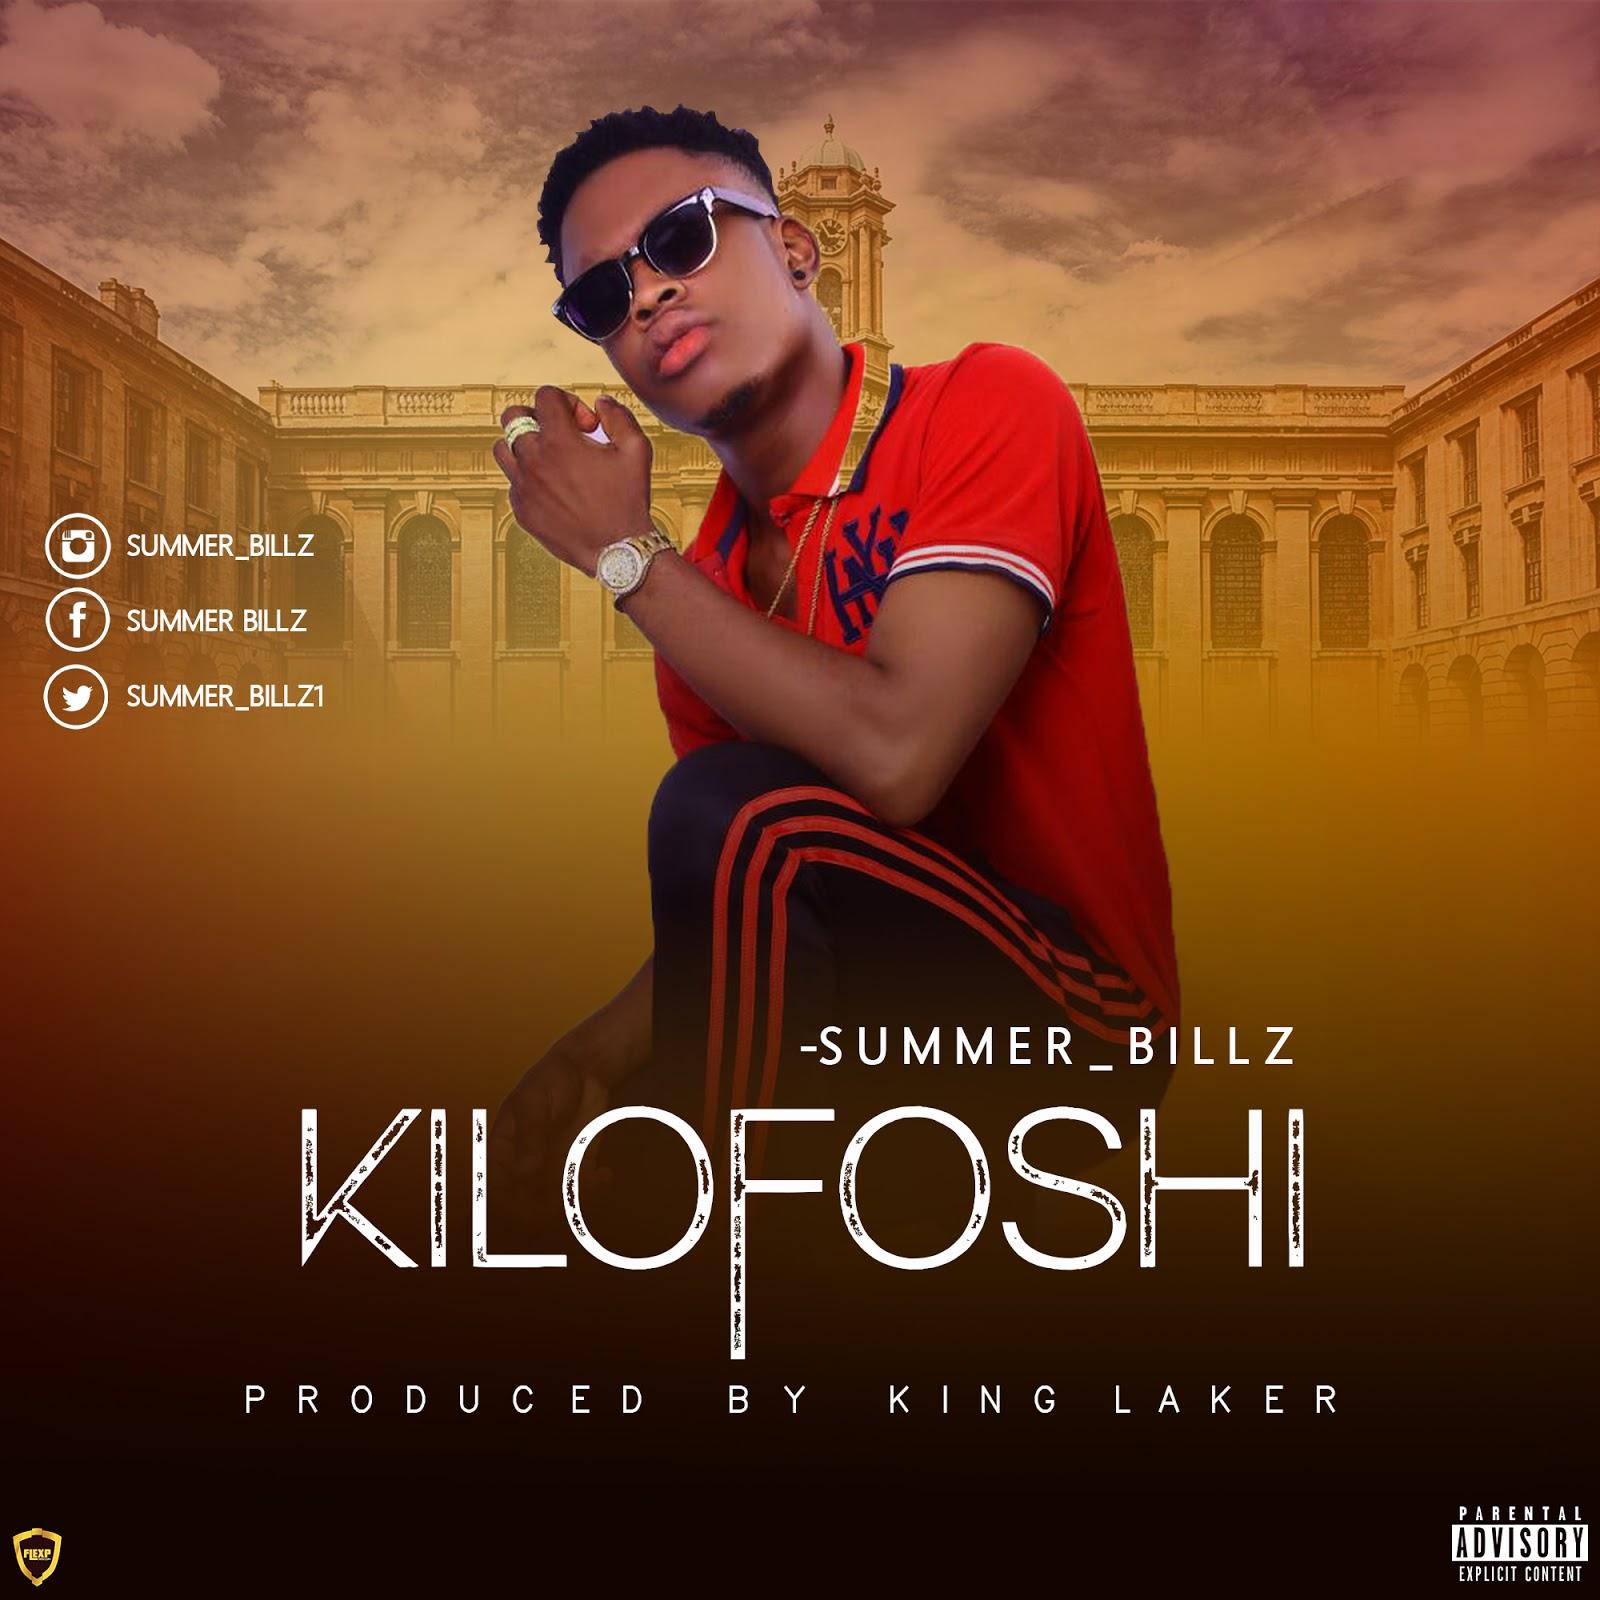 Summer_Billz – Kilofoshi